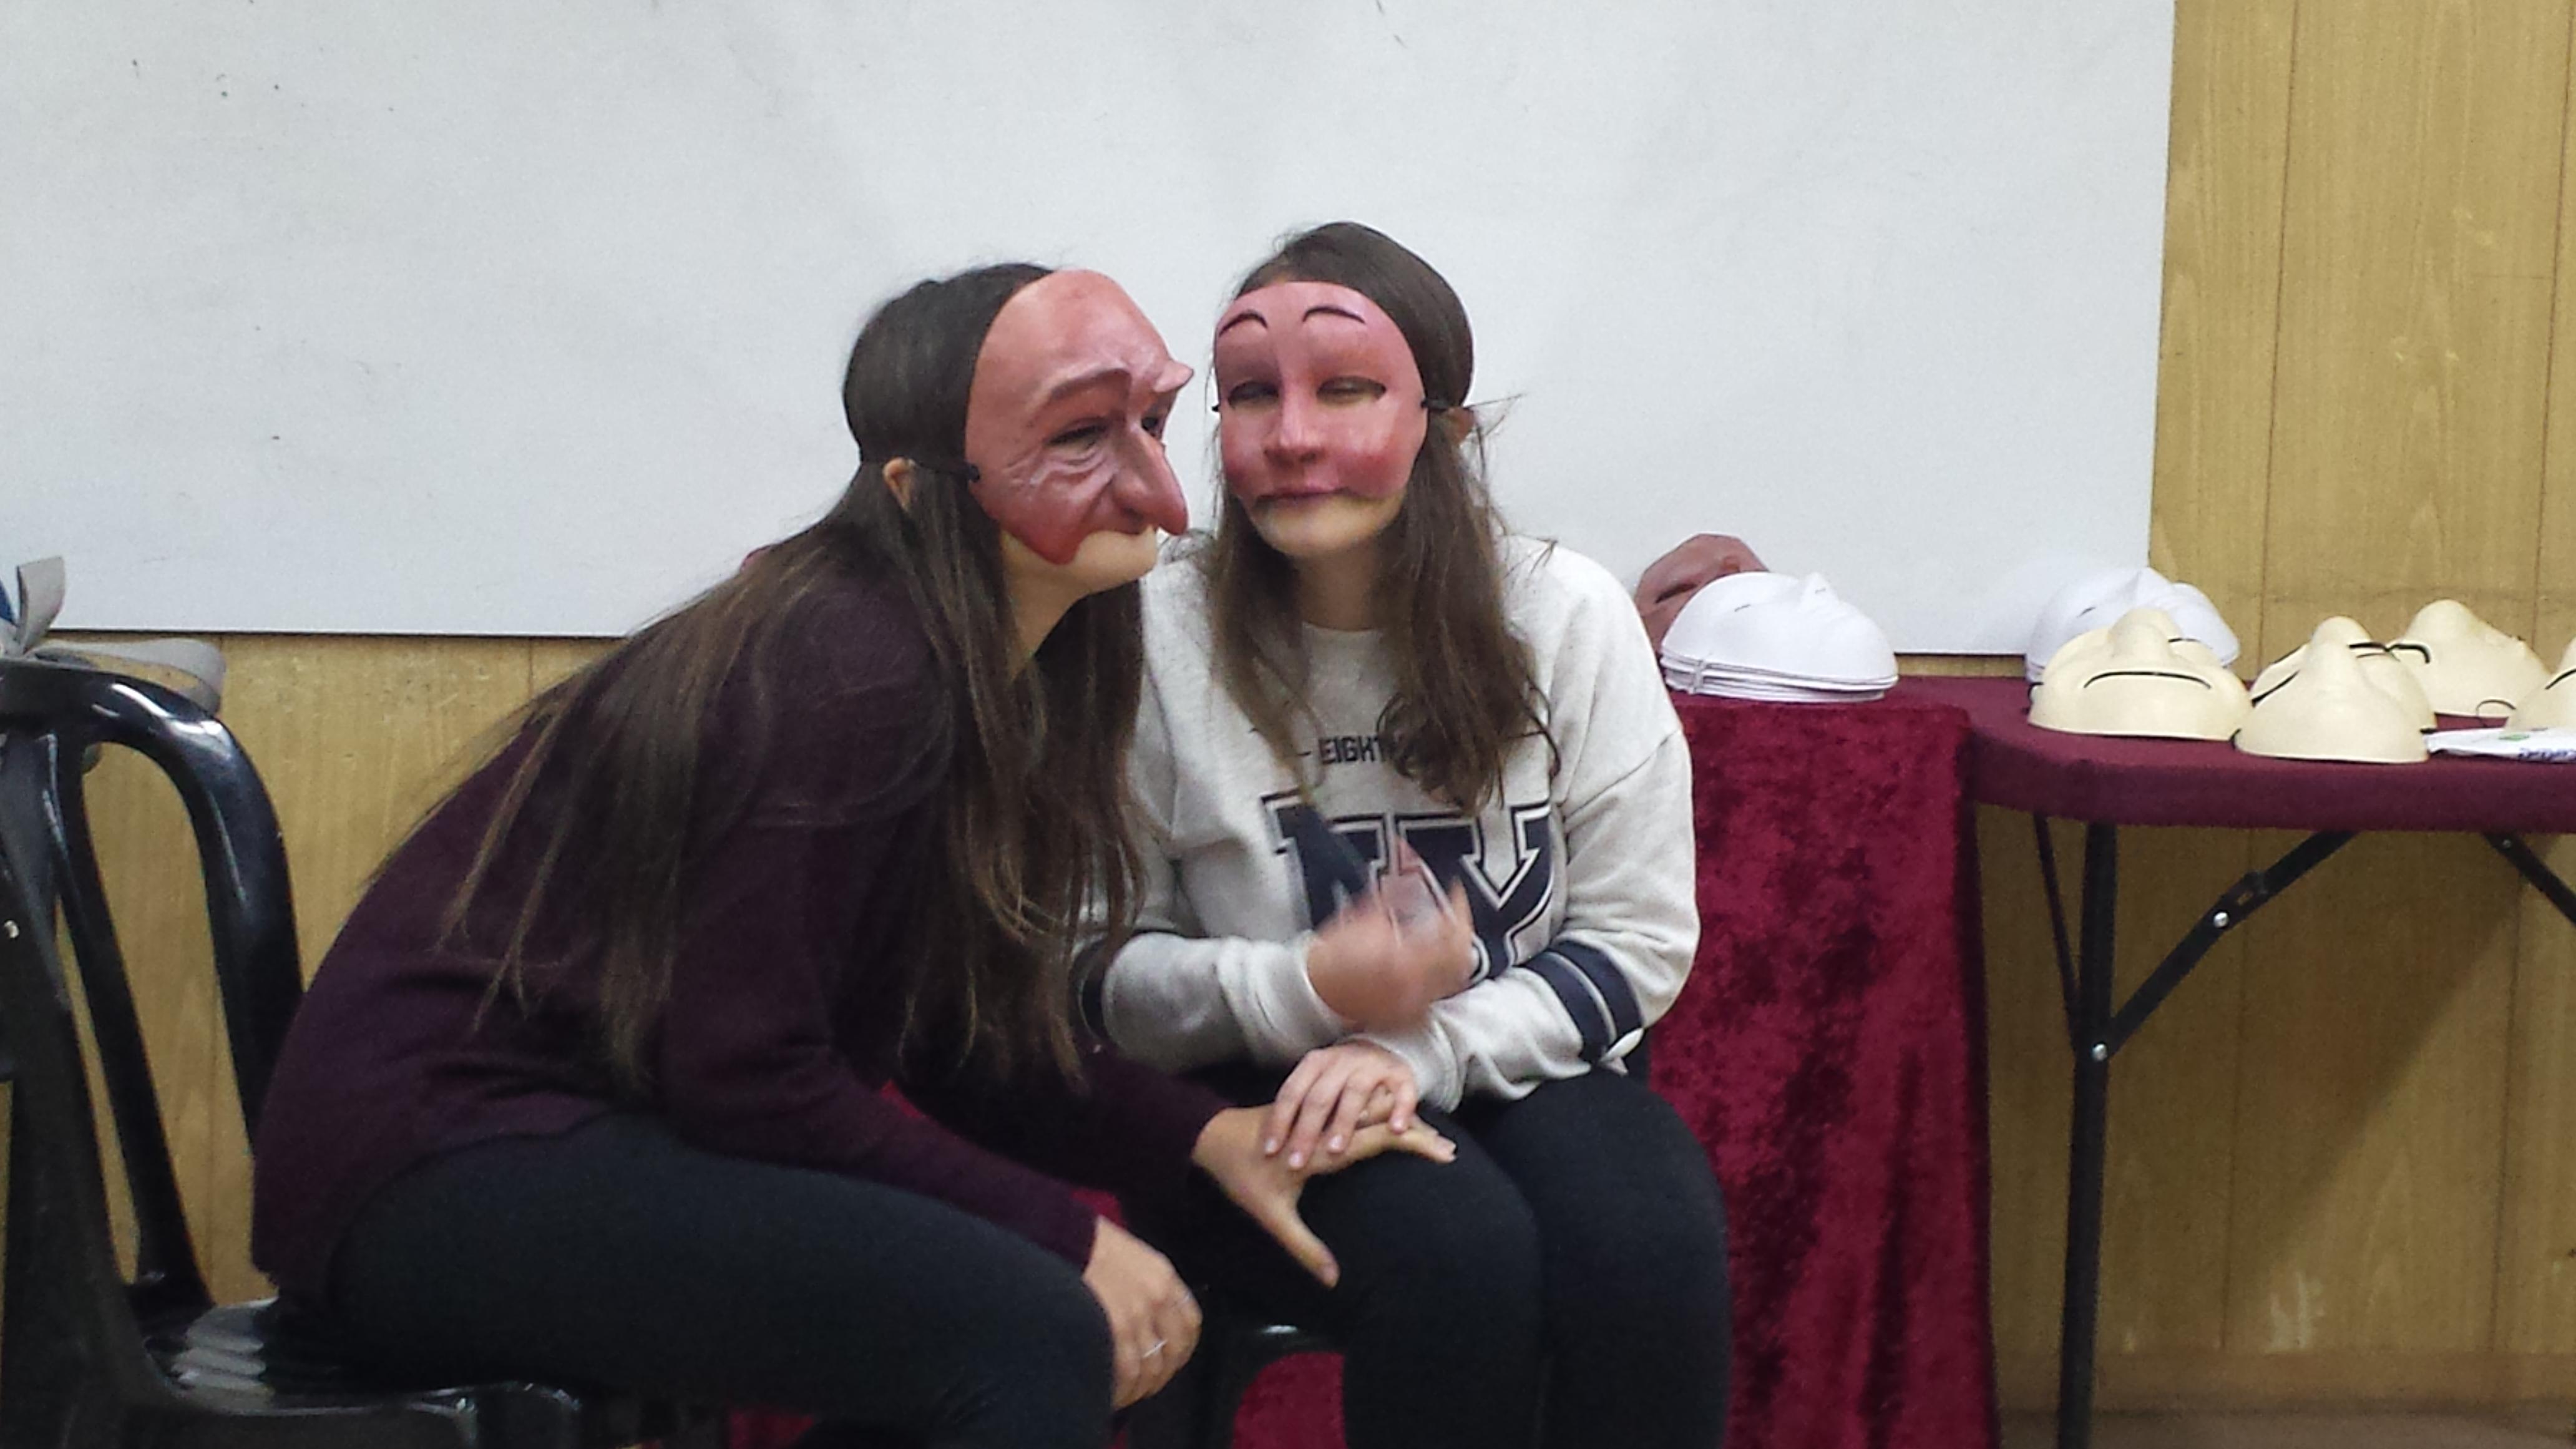 בנות חובשות מסכות קומדיה דל'ארטה במשחק תפקידים- אמא ובת בסדנה מאחורי המסכה- מנחה דליה סגל